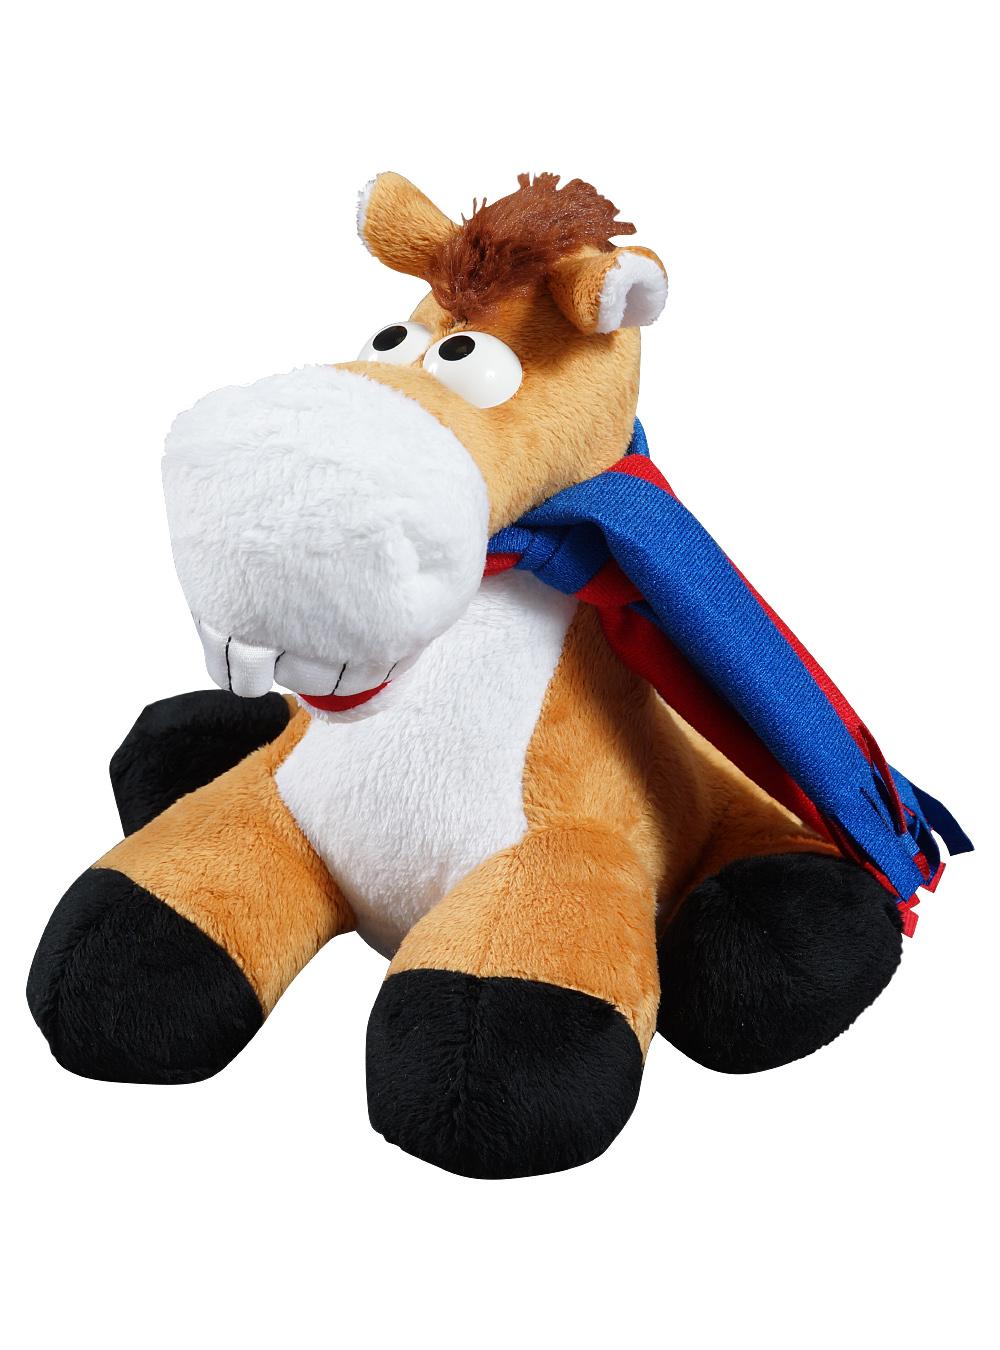 Мягкая игрушка Конь с шарфомИгрушки<br>Мягкая игрушка Конь с шарфом<br>